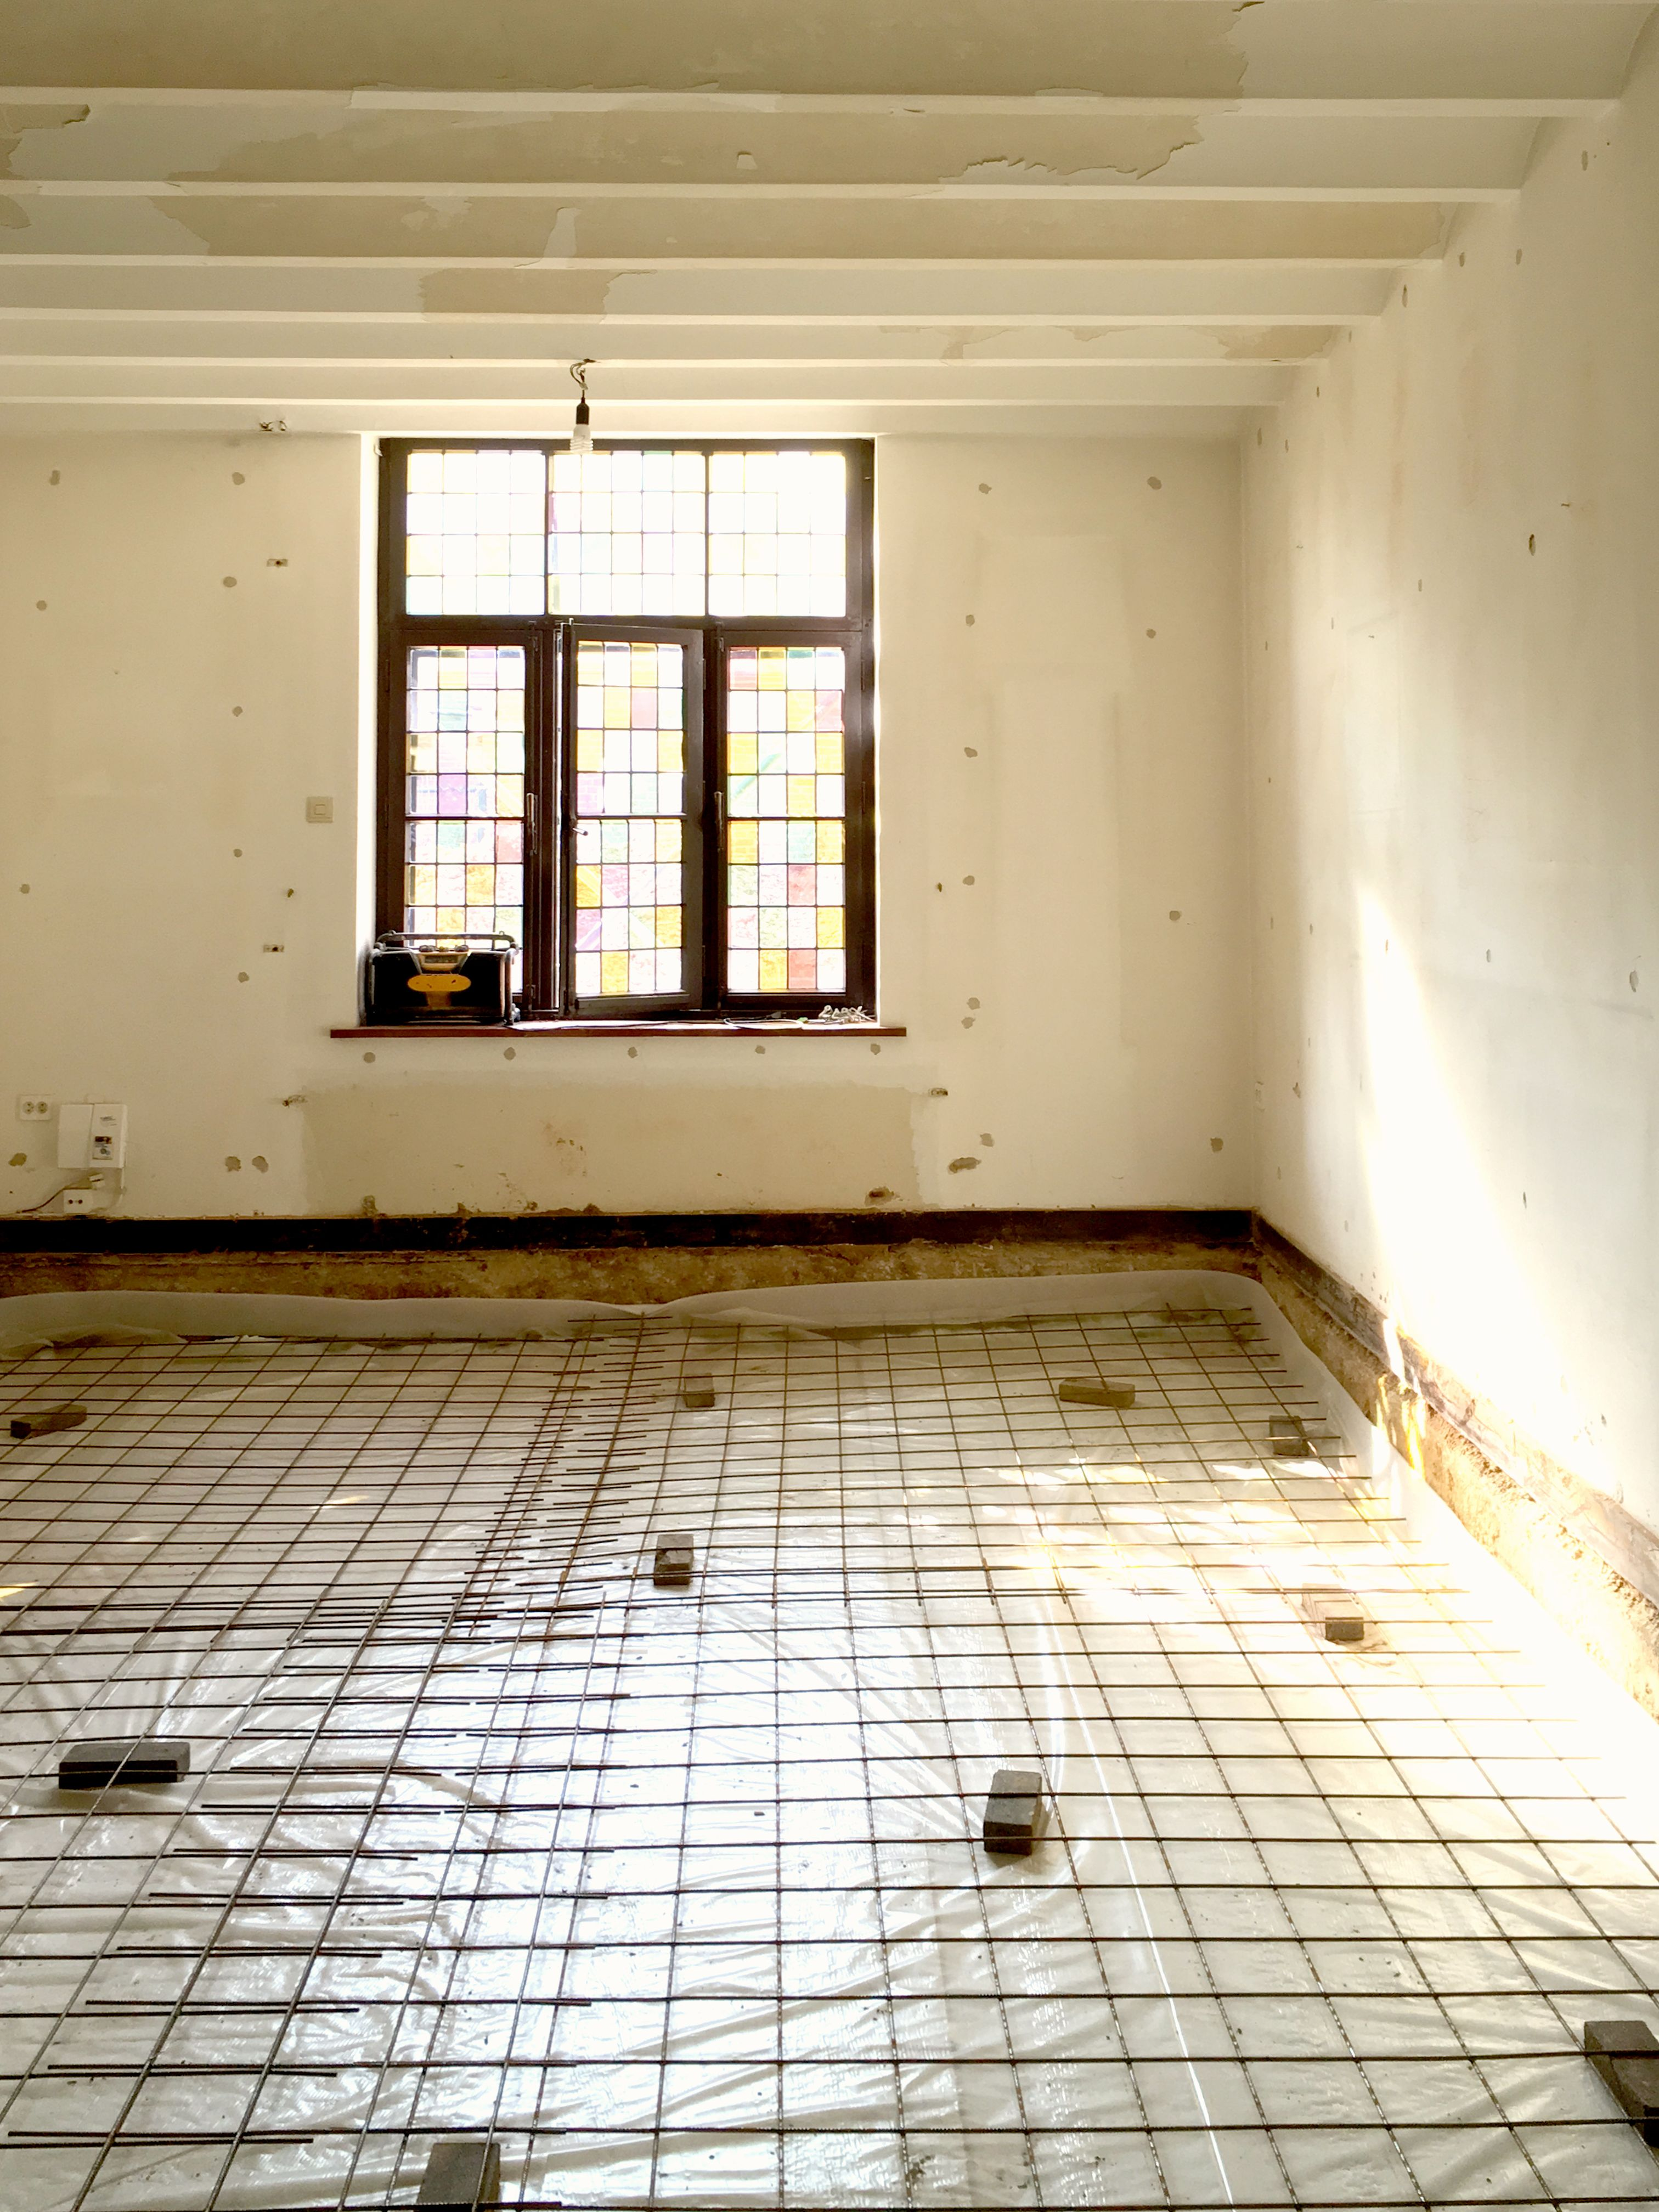 nieuwe vloer kosten cool kosten nieuwe badkamer en vloer